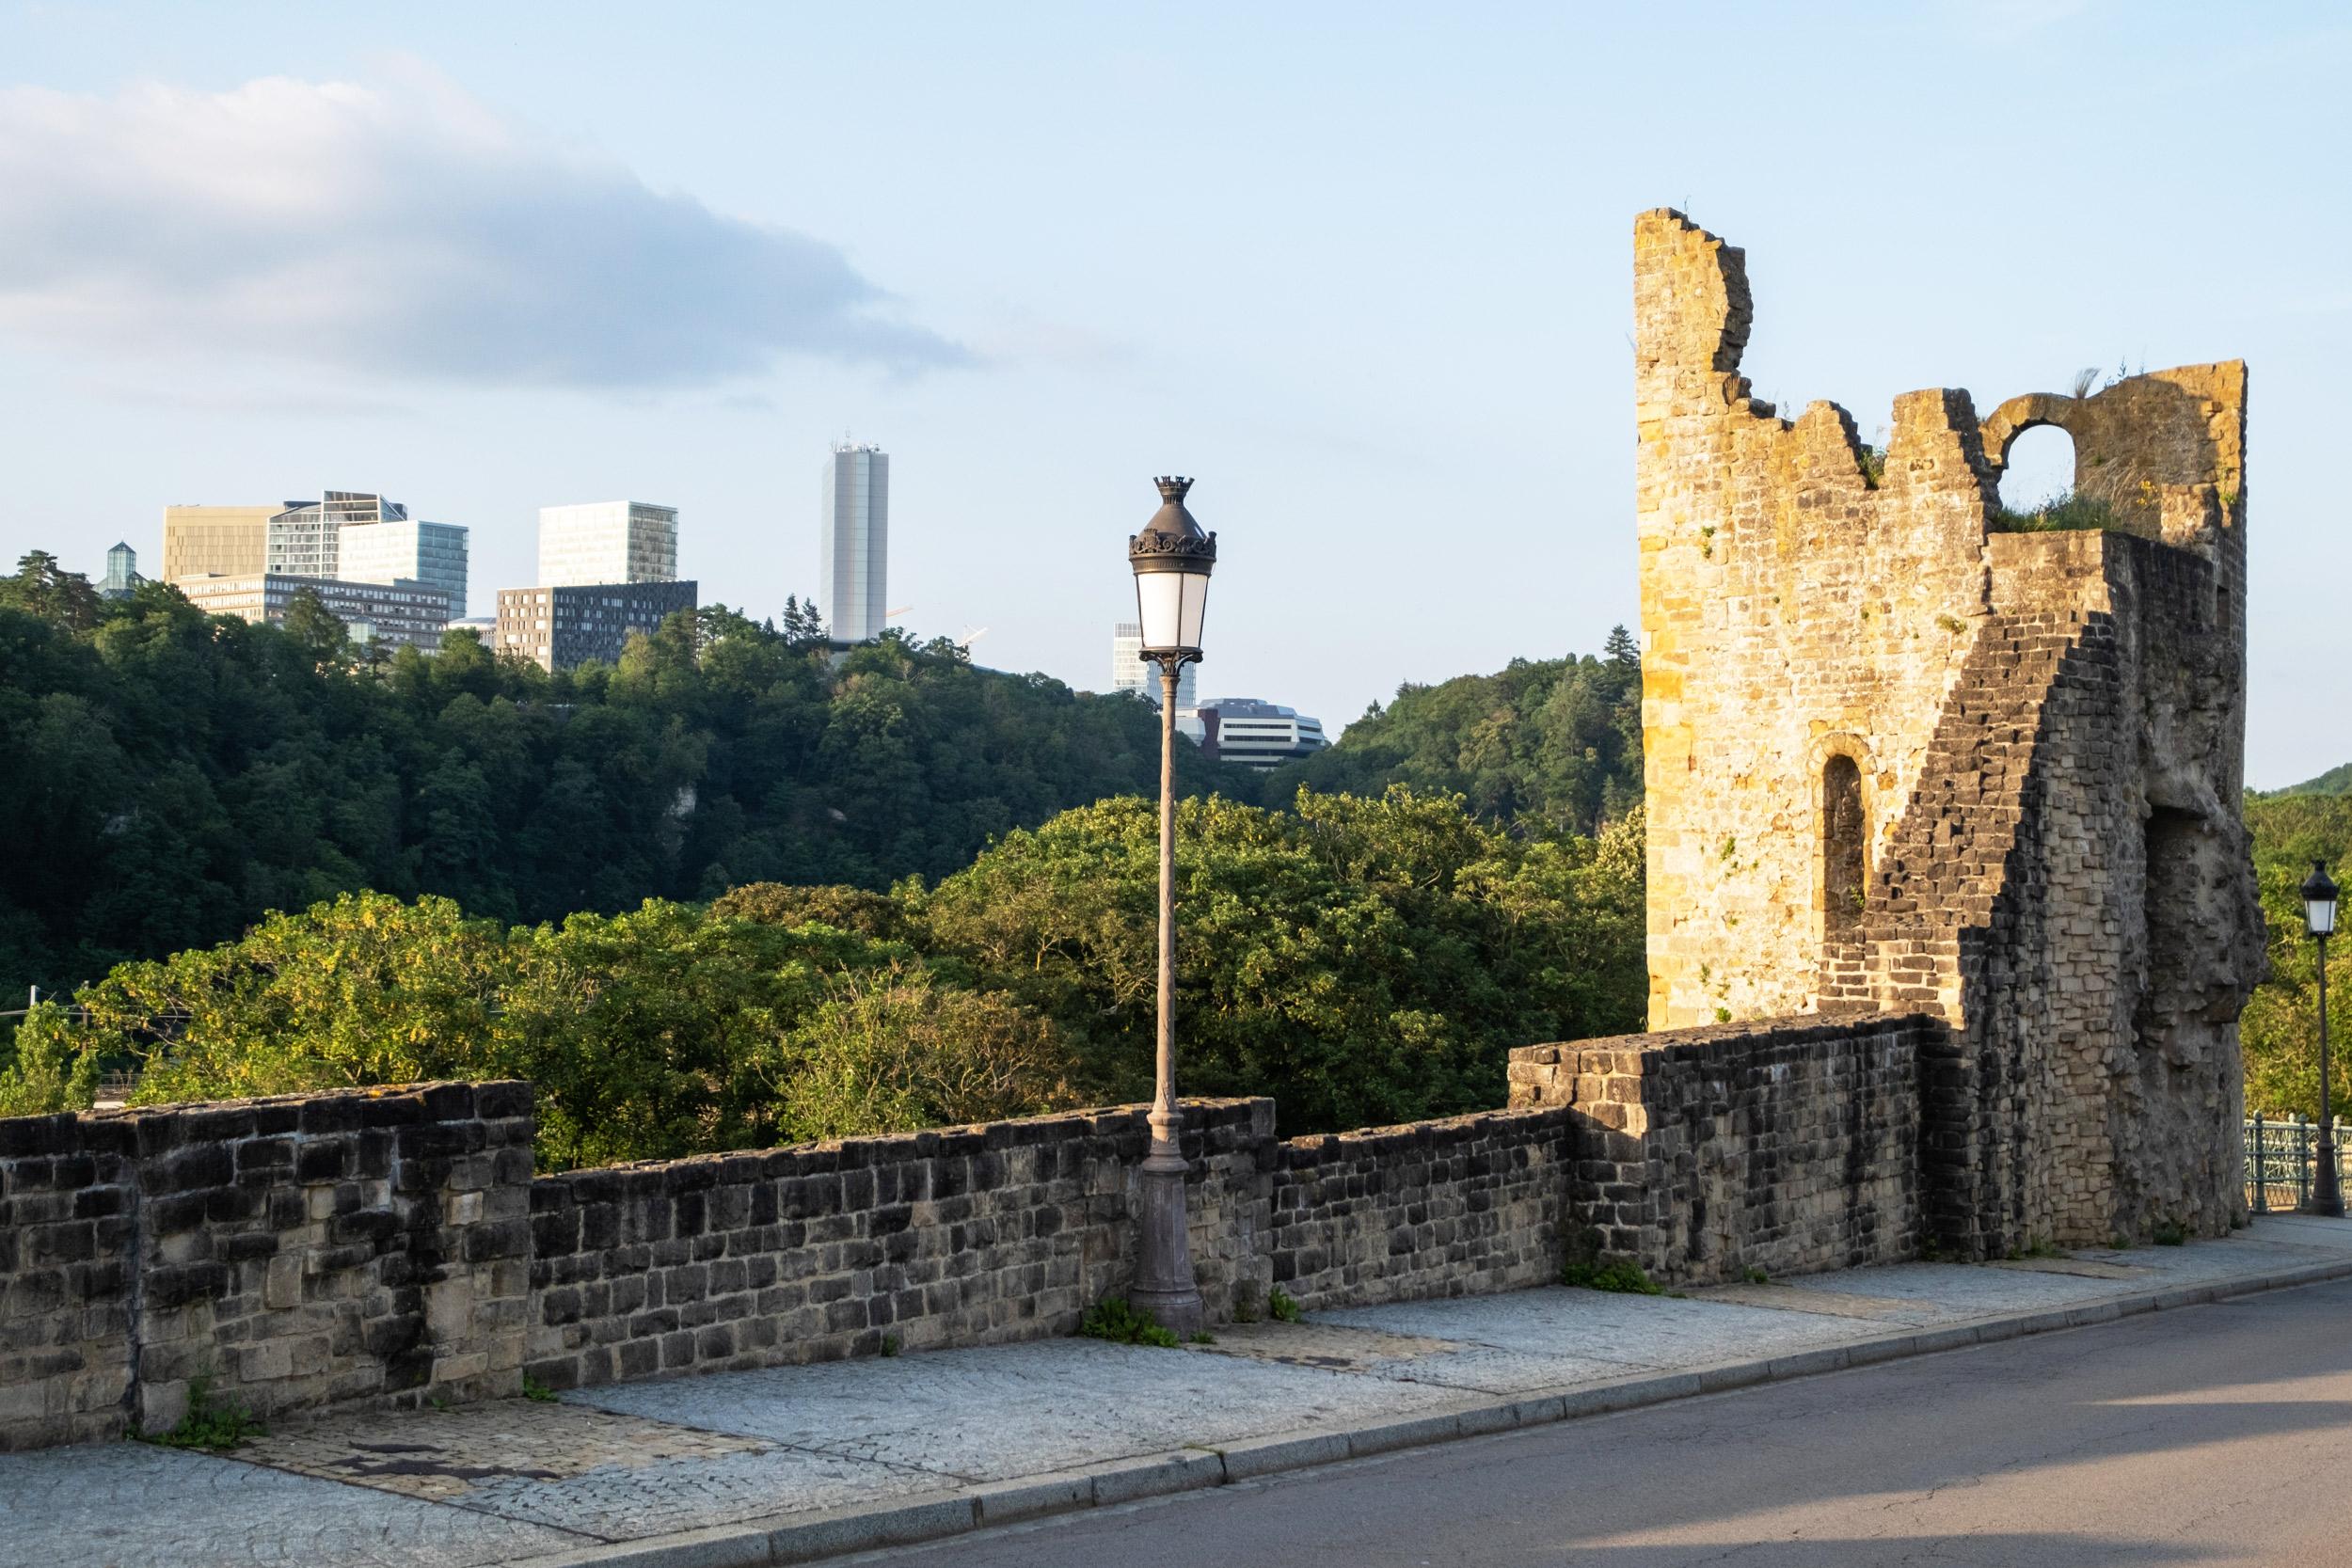 Uitzicht vanaf de oude stad op de nieuwe wijk Kirchberg, Luxemburg